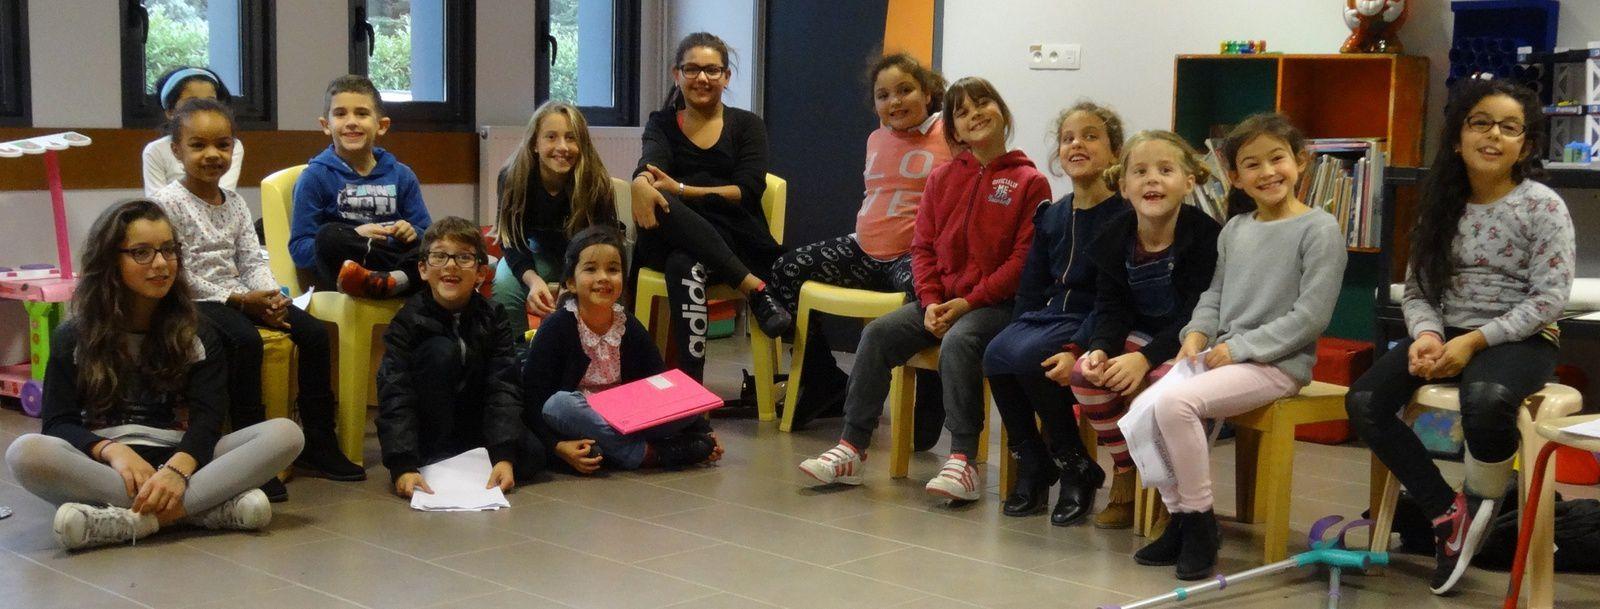 Les enfants de l'atelier d'En Gach joueront leurs pièce le vendredi 5 mai au Forum